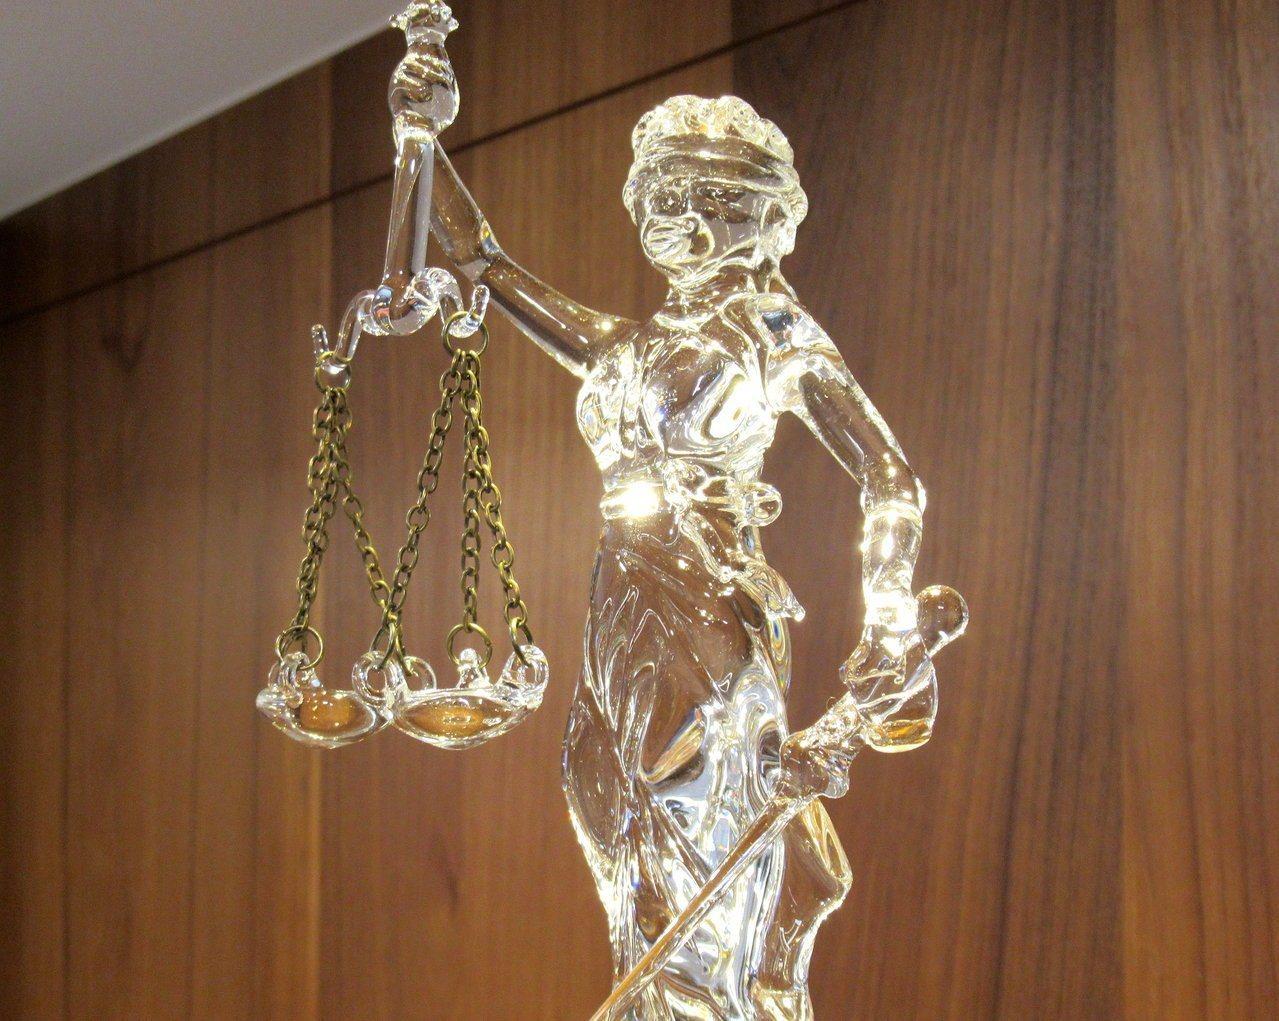 司法信任度長期在低檔徘徊,除了司法改革外,司法院也欲釐清是否有外部因素影響司法信...